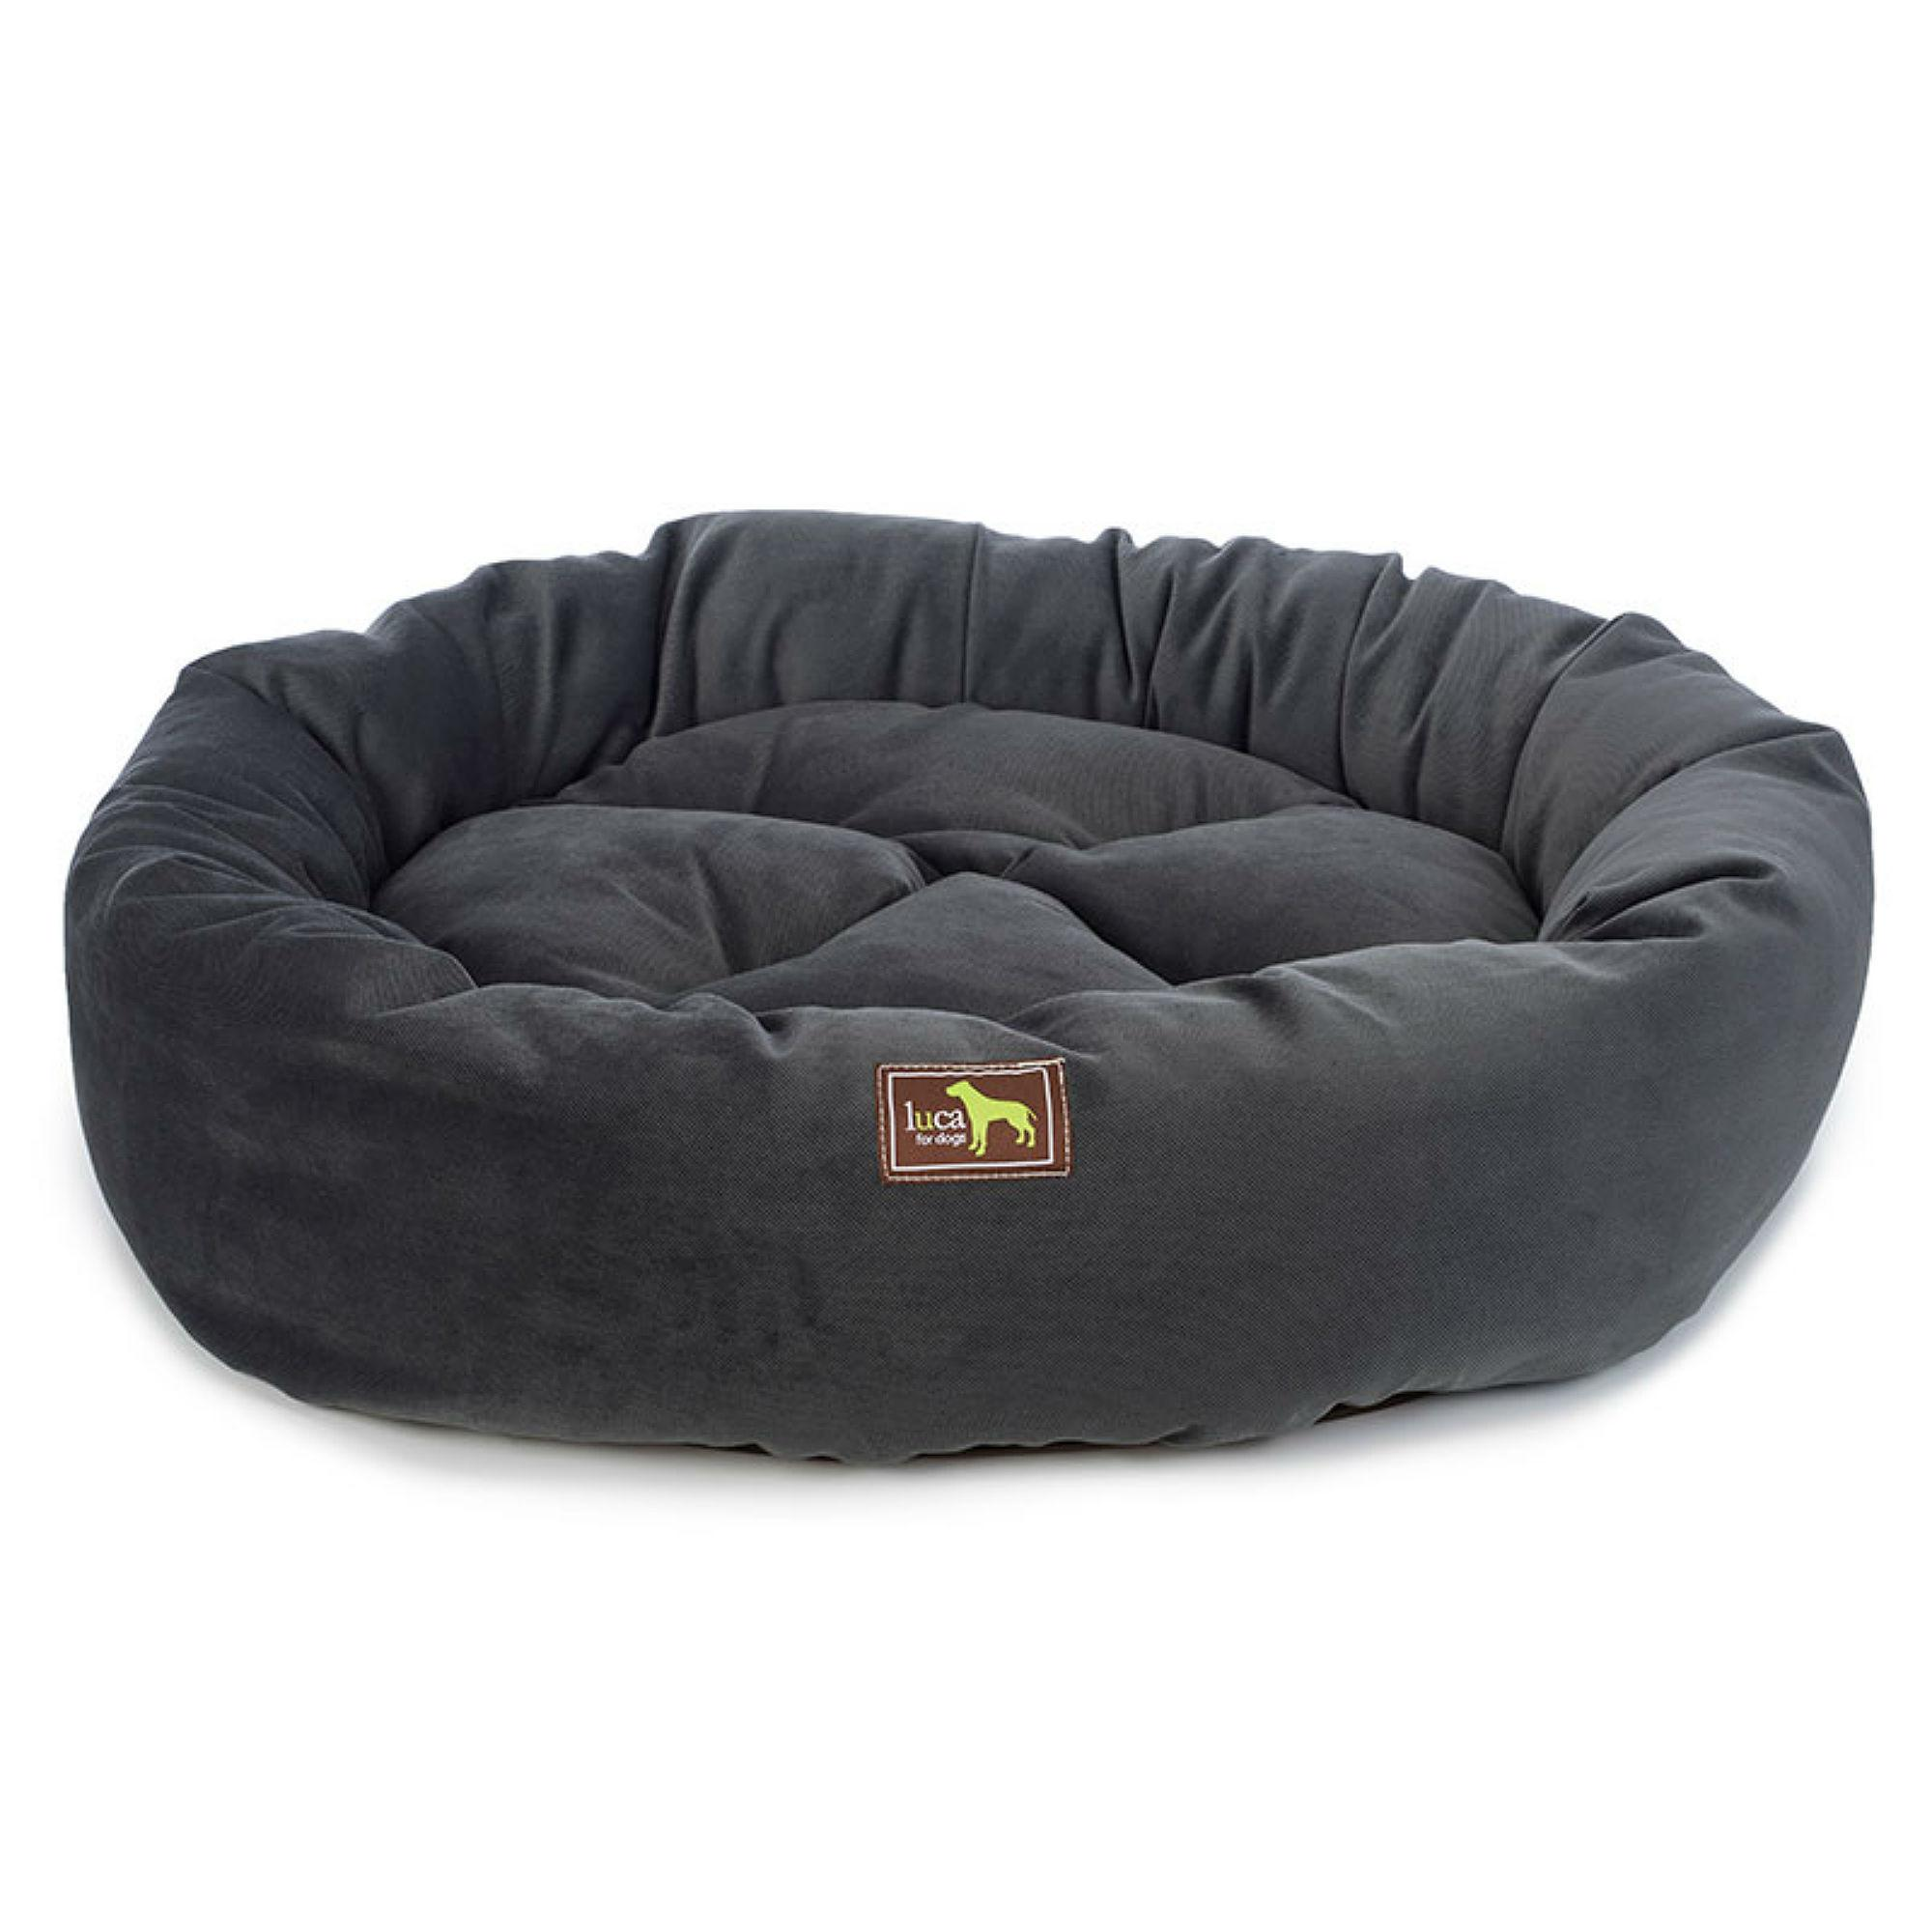 Luca Nest Dog Bed - Slate